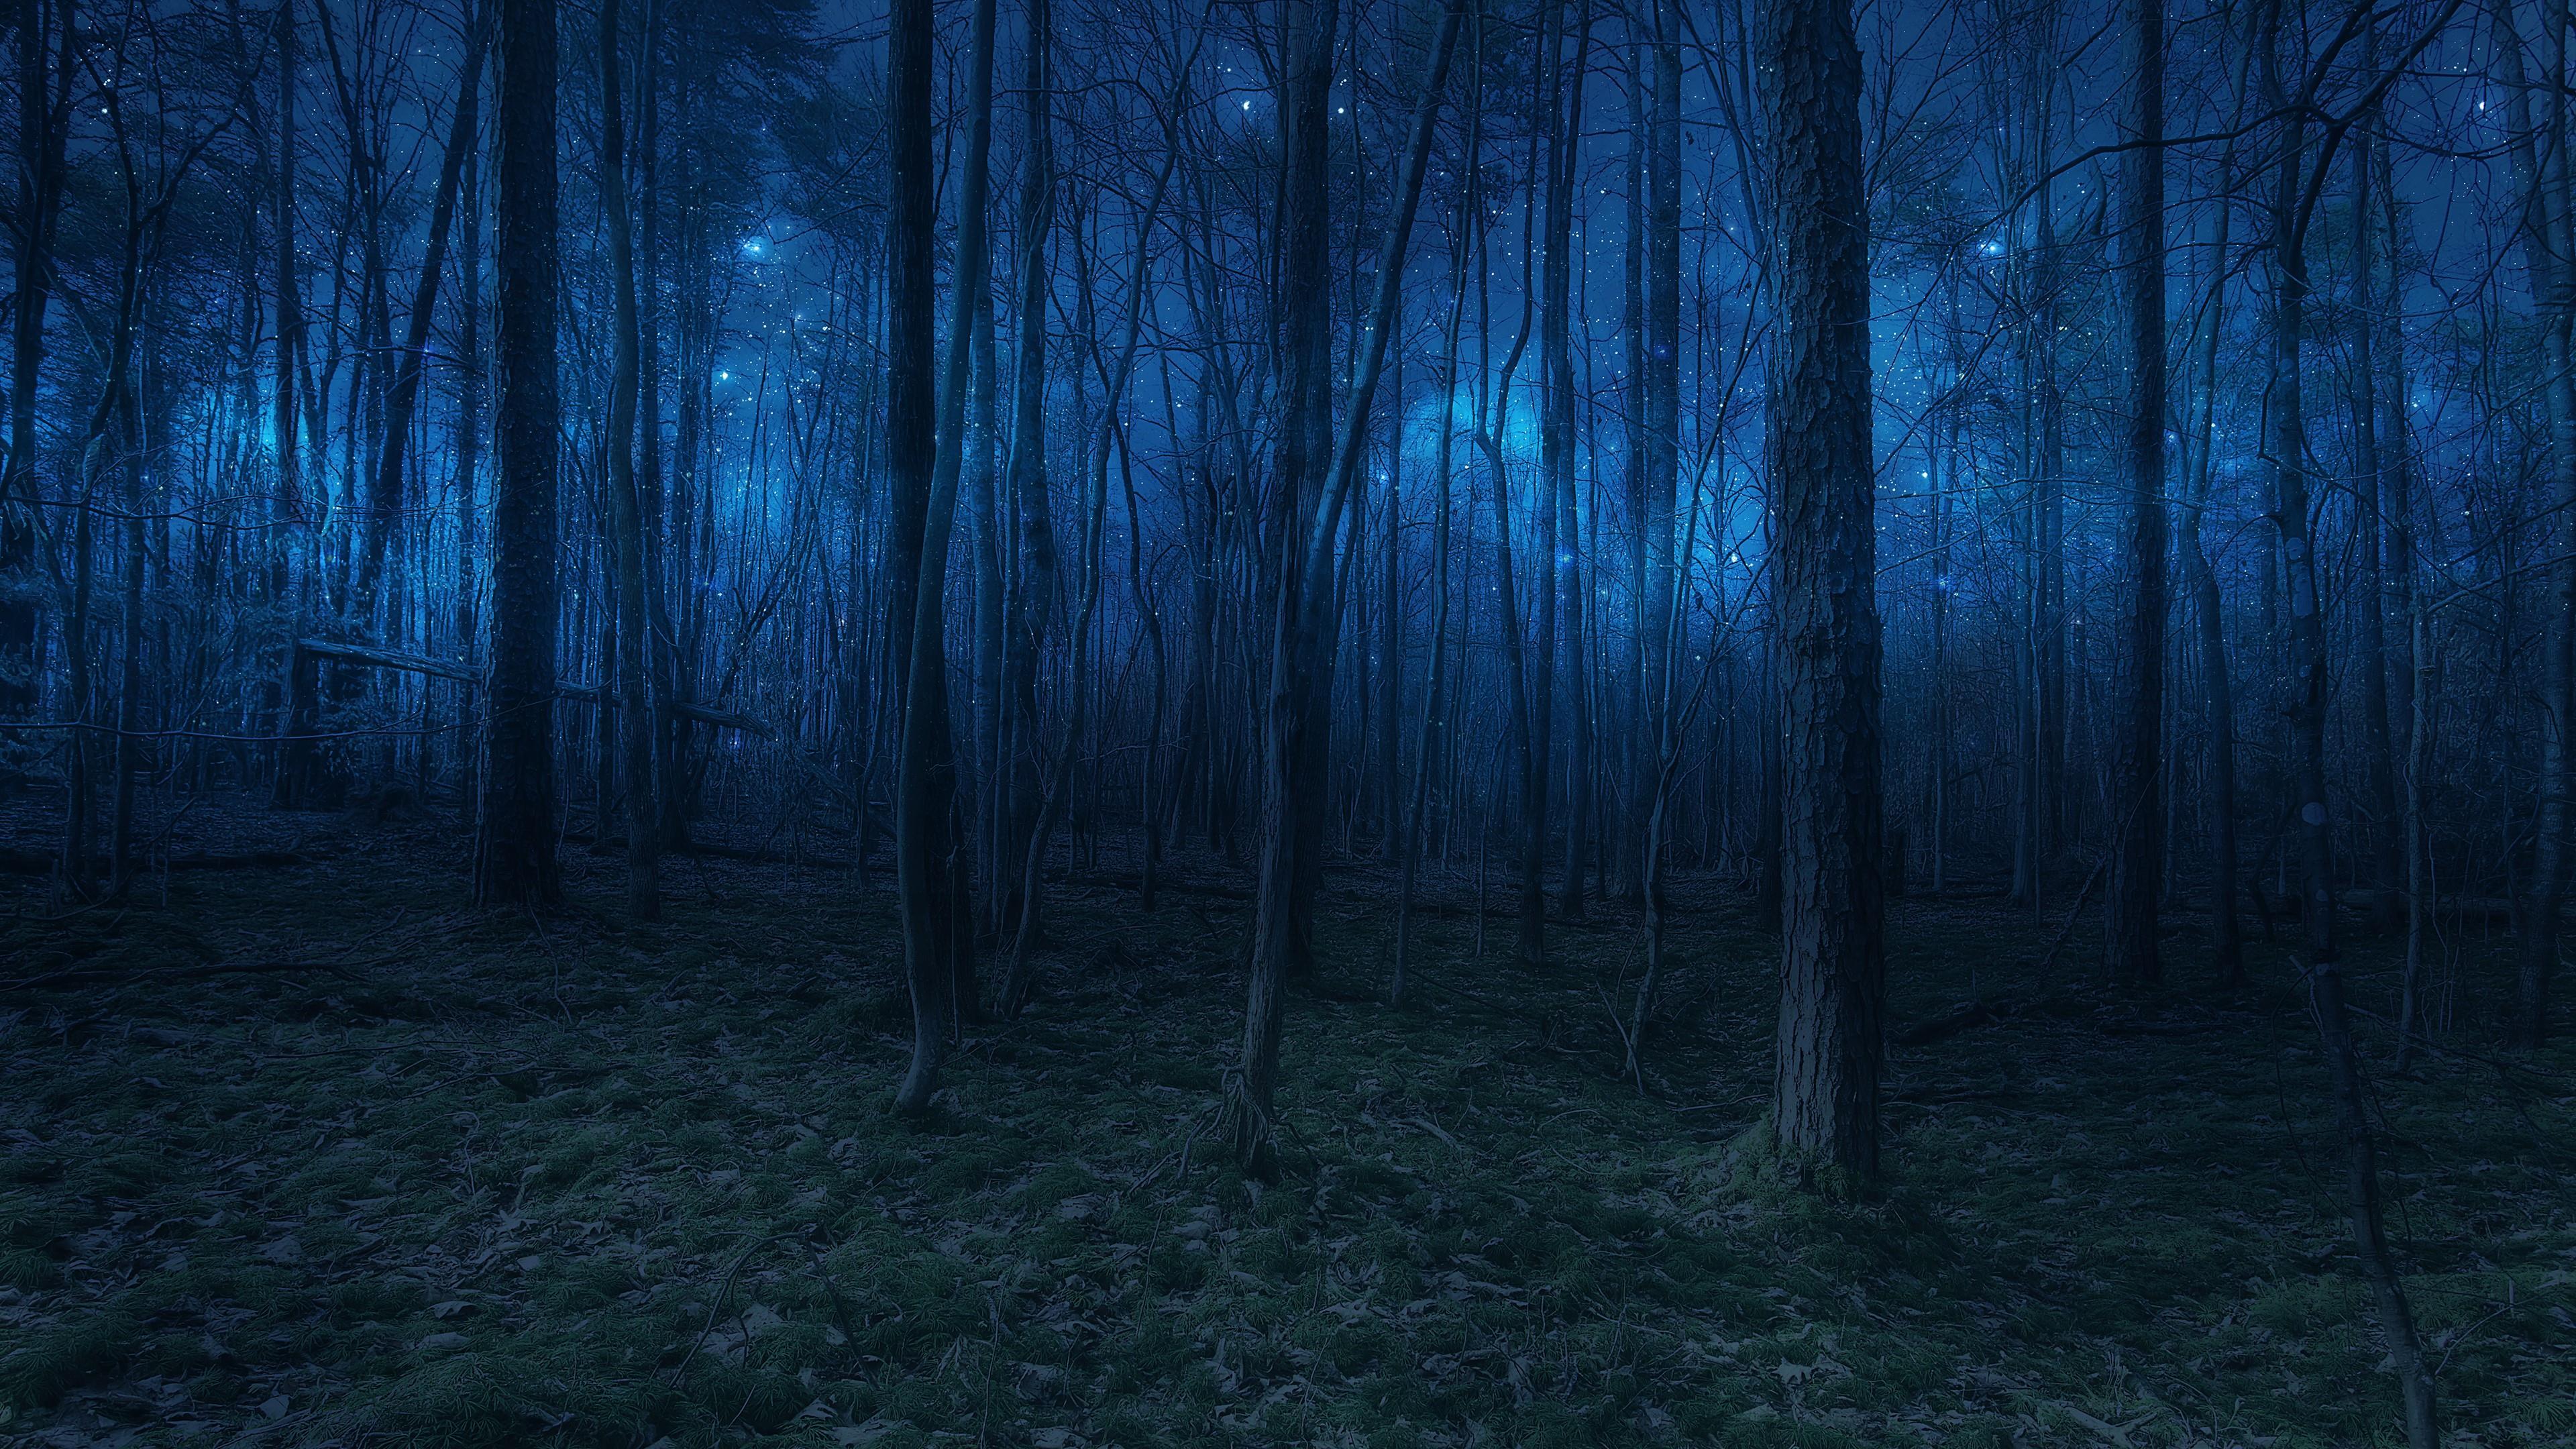 Starlights in twilight wallpaper